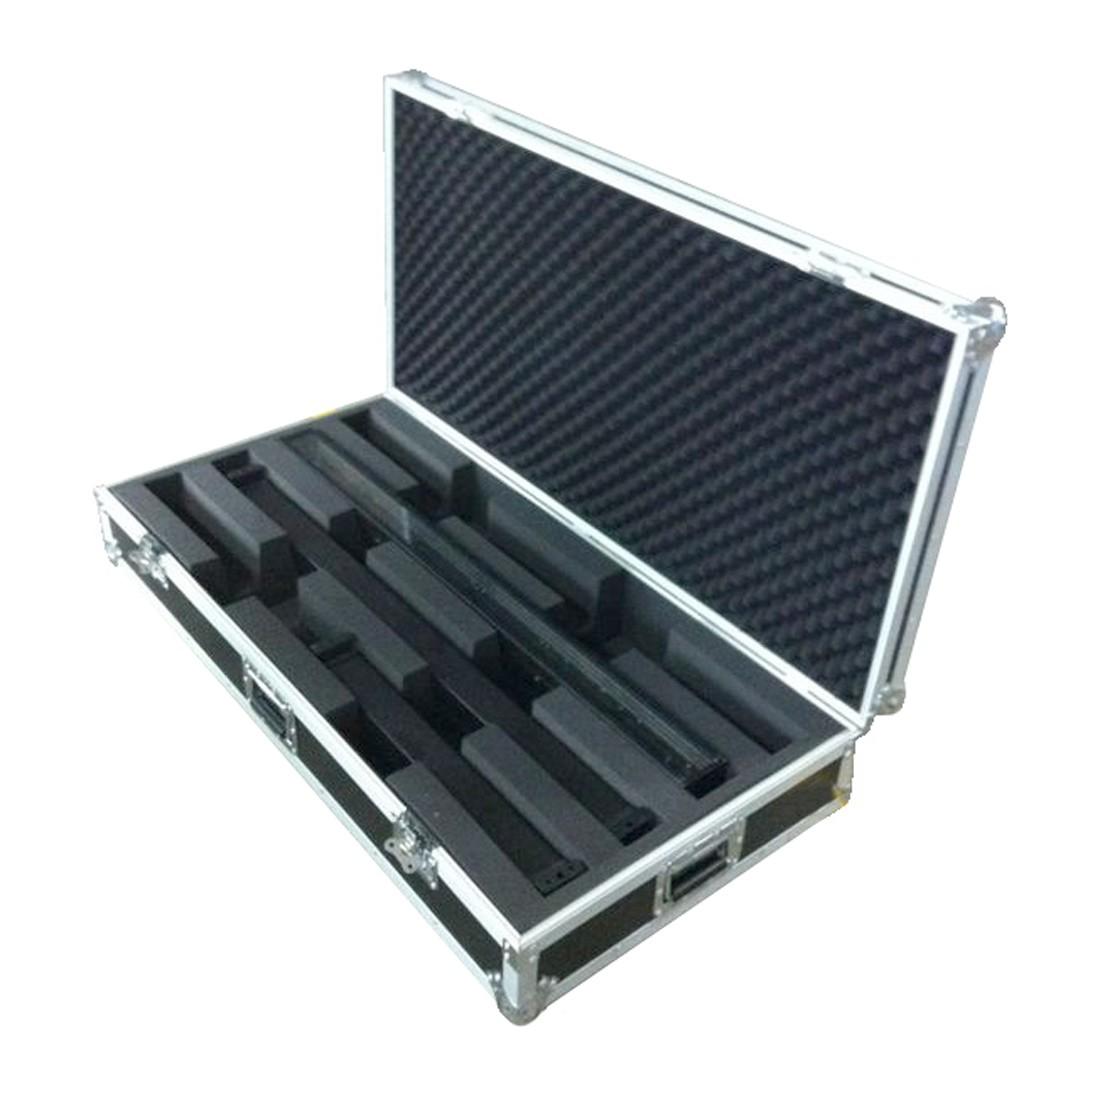 livraison gratuite flight case pour 4 barres led longueur max 115mm flight clairages prozic. Black Bedroom Furniture Sets. Home Design Ideas